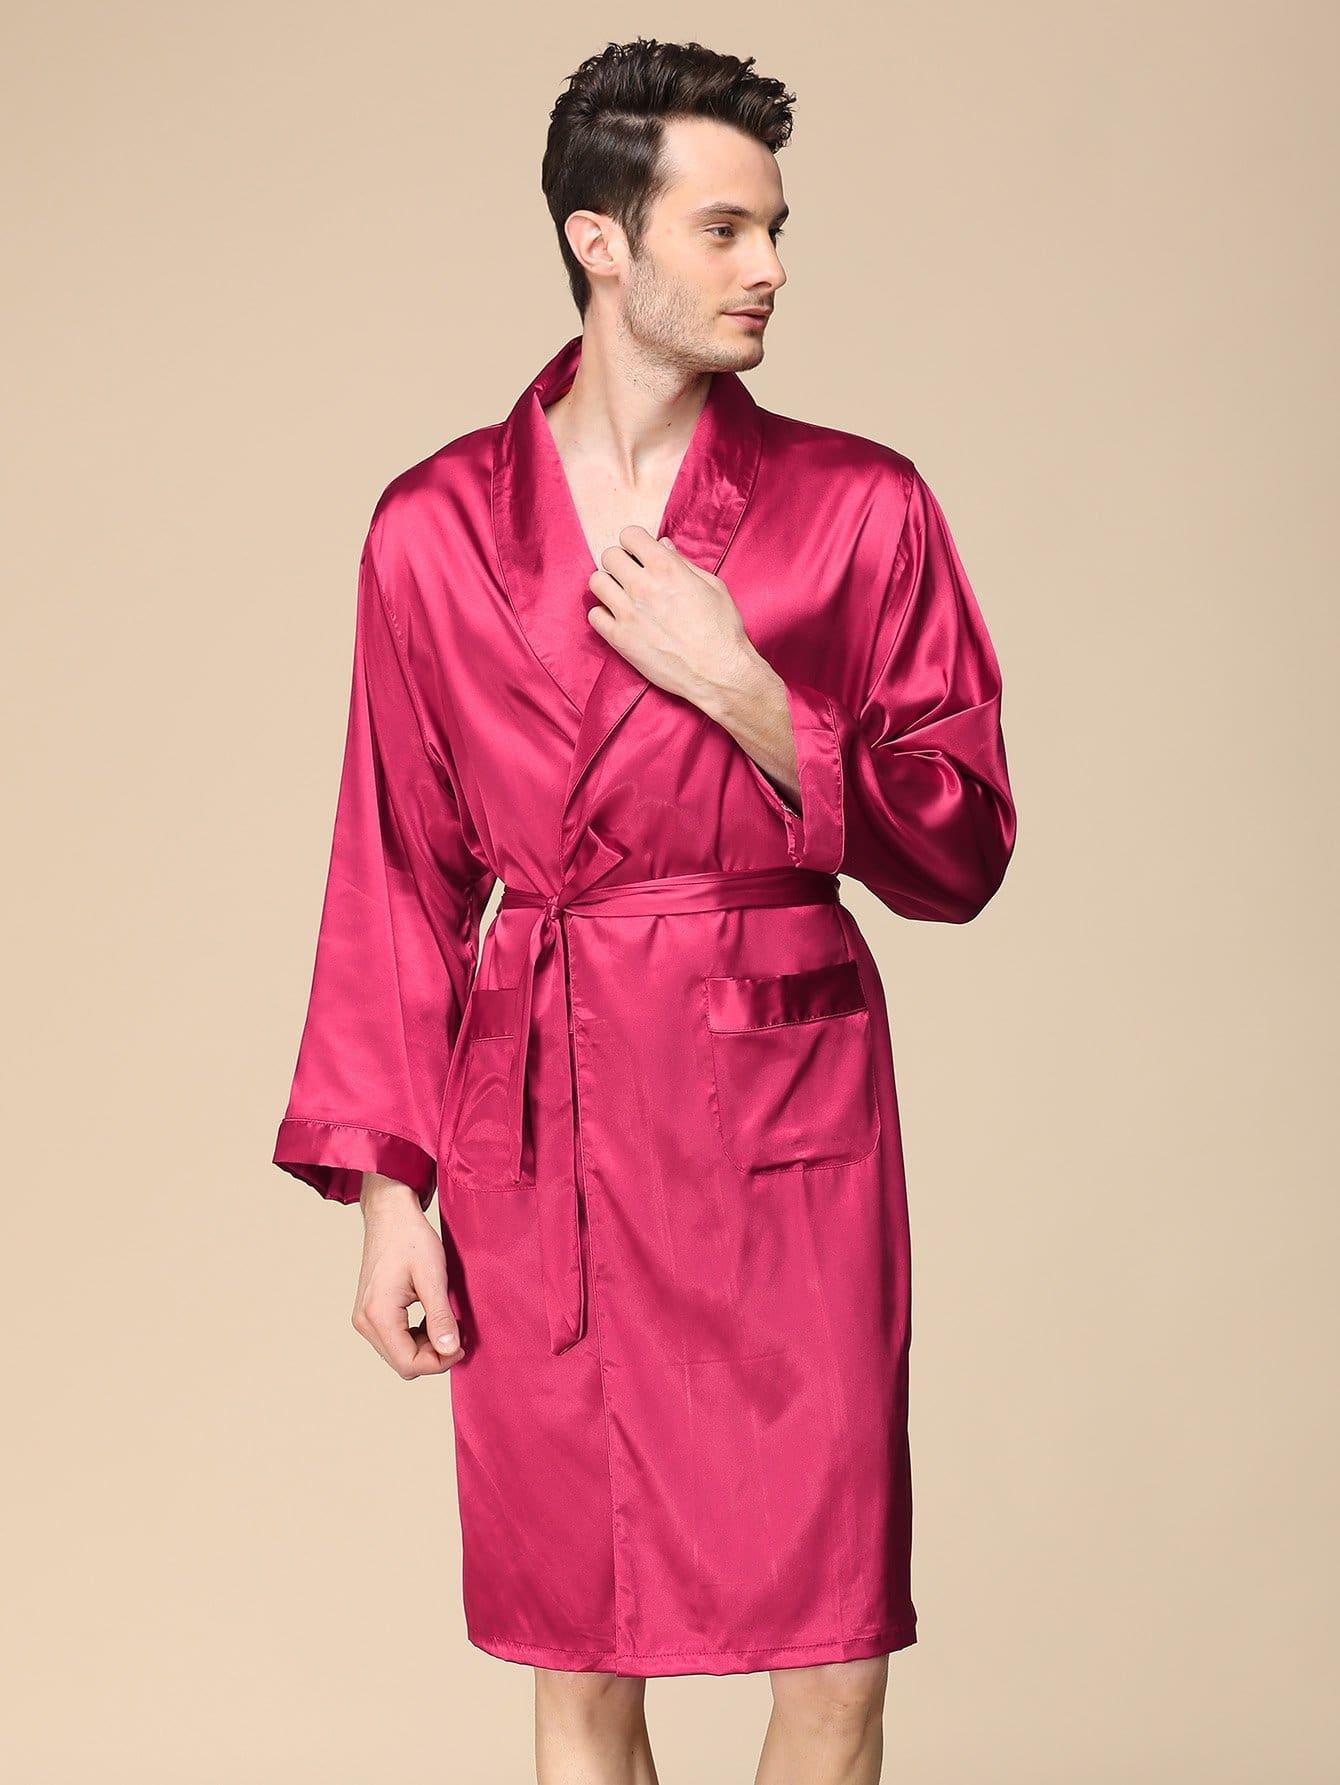 Купить Мужский домашний халат с поясом, null, SheIn